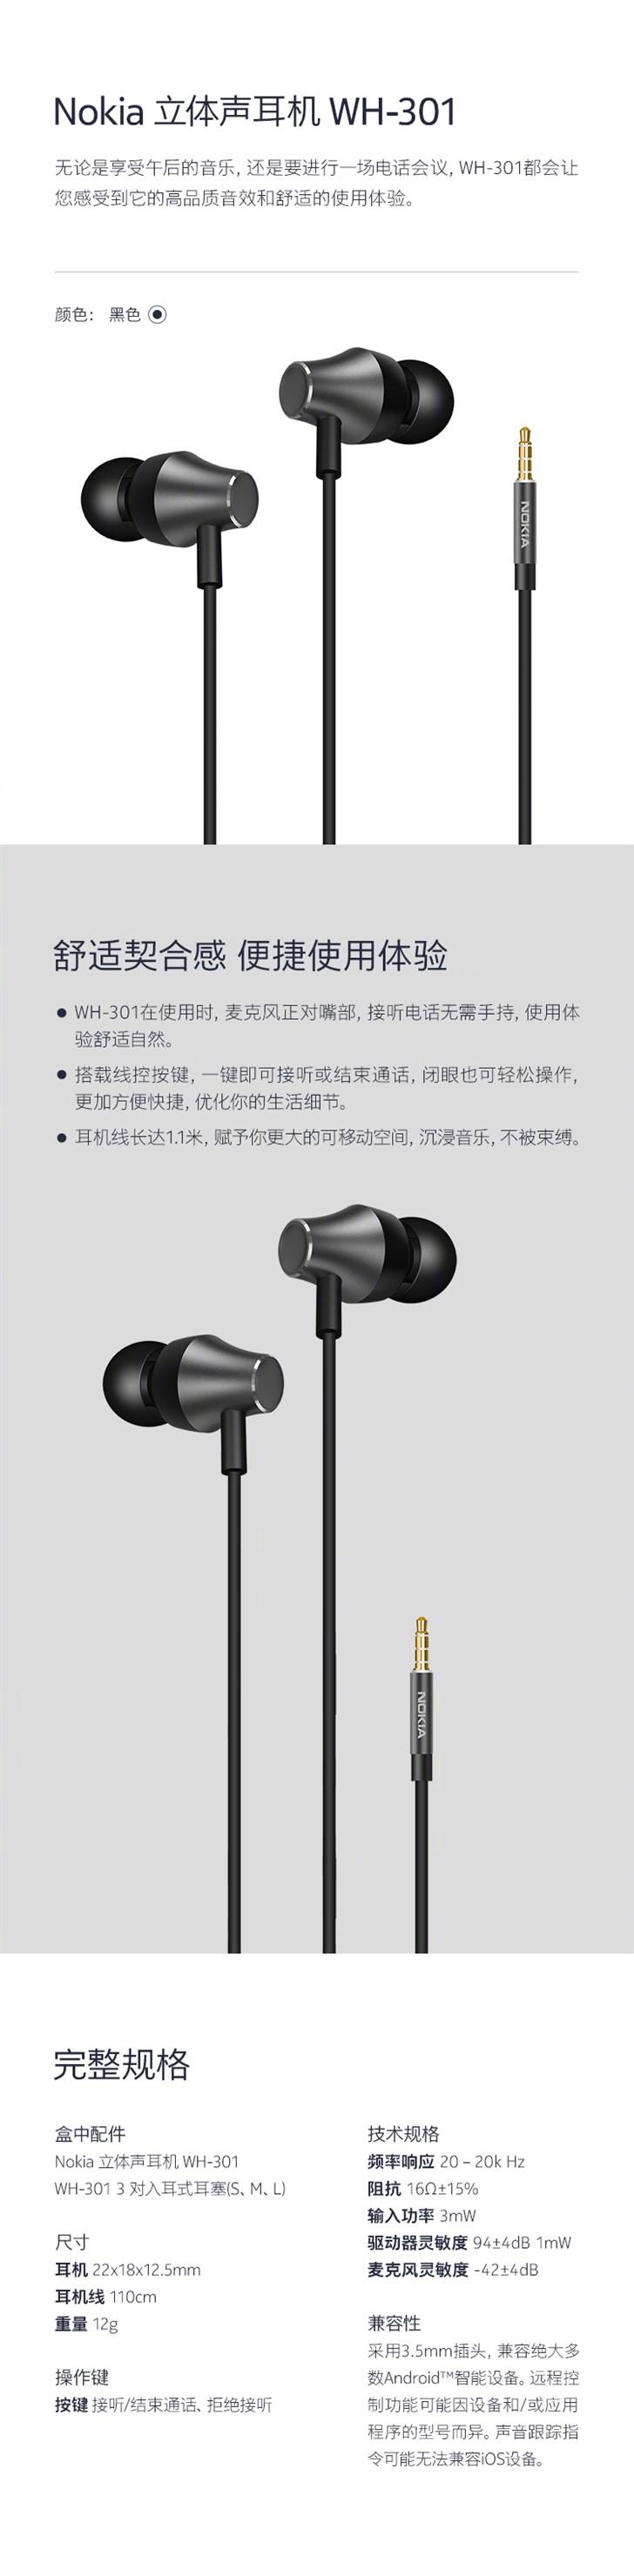 诺基亚推出新立体声耳机WH-301,售价79元